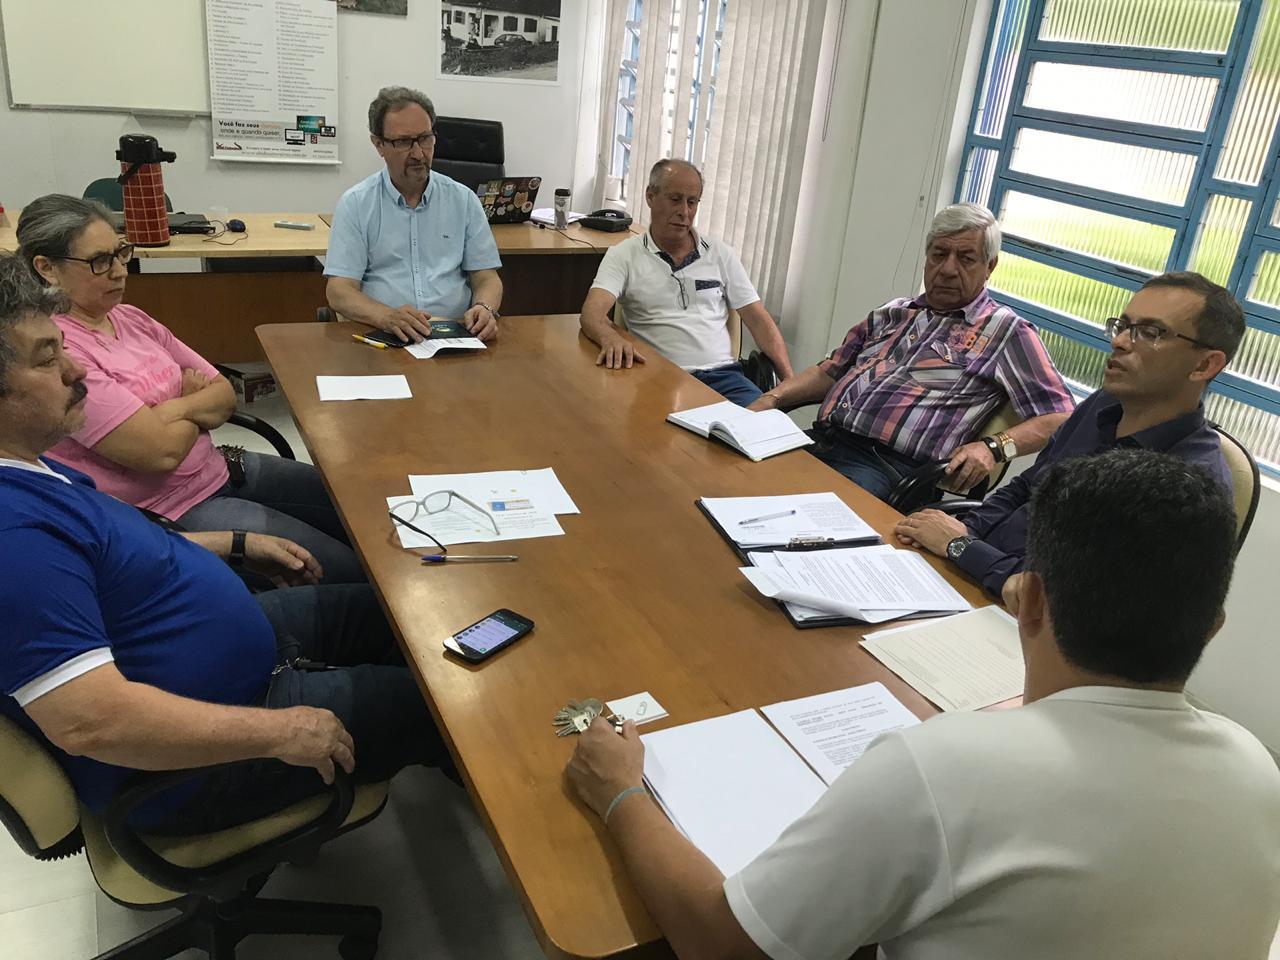 Diretoria da entidade se reuniu com advogado para definir os principais pontos da negociação coletiva